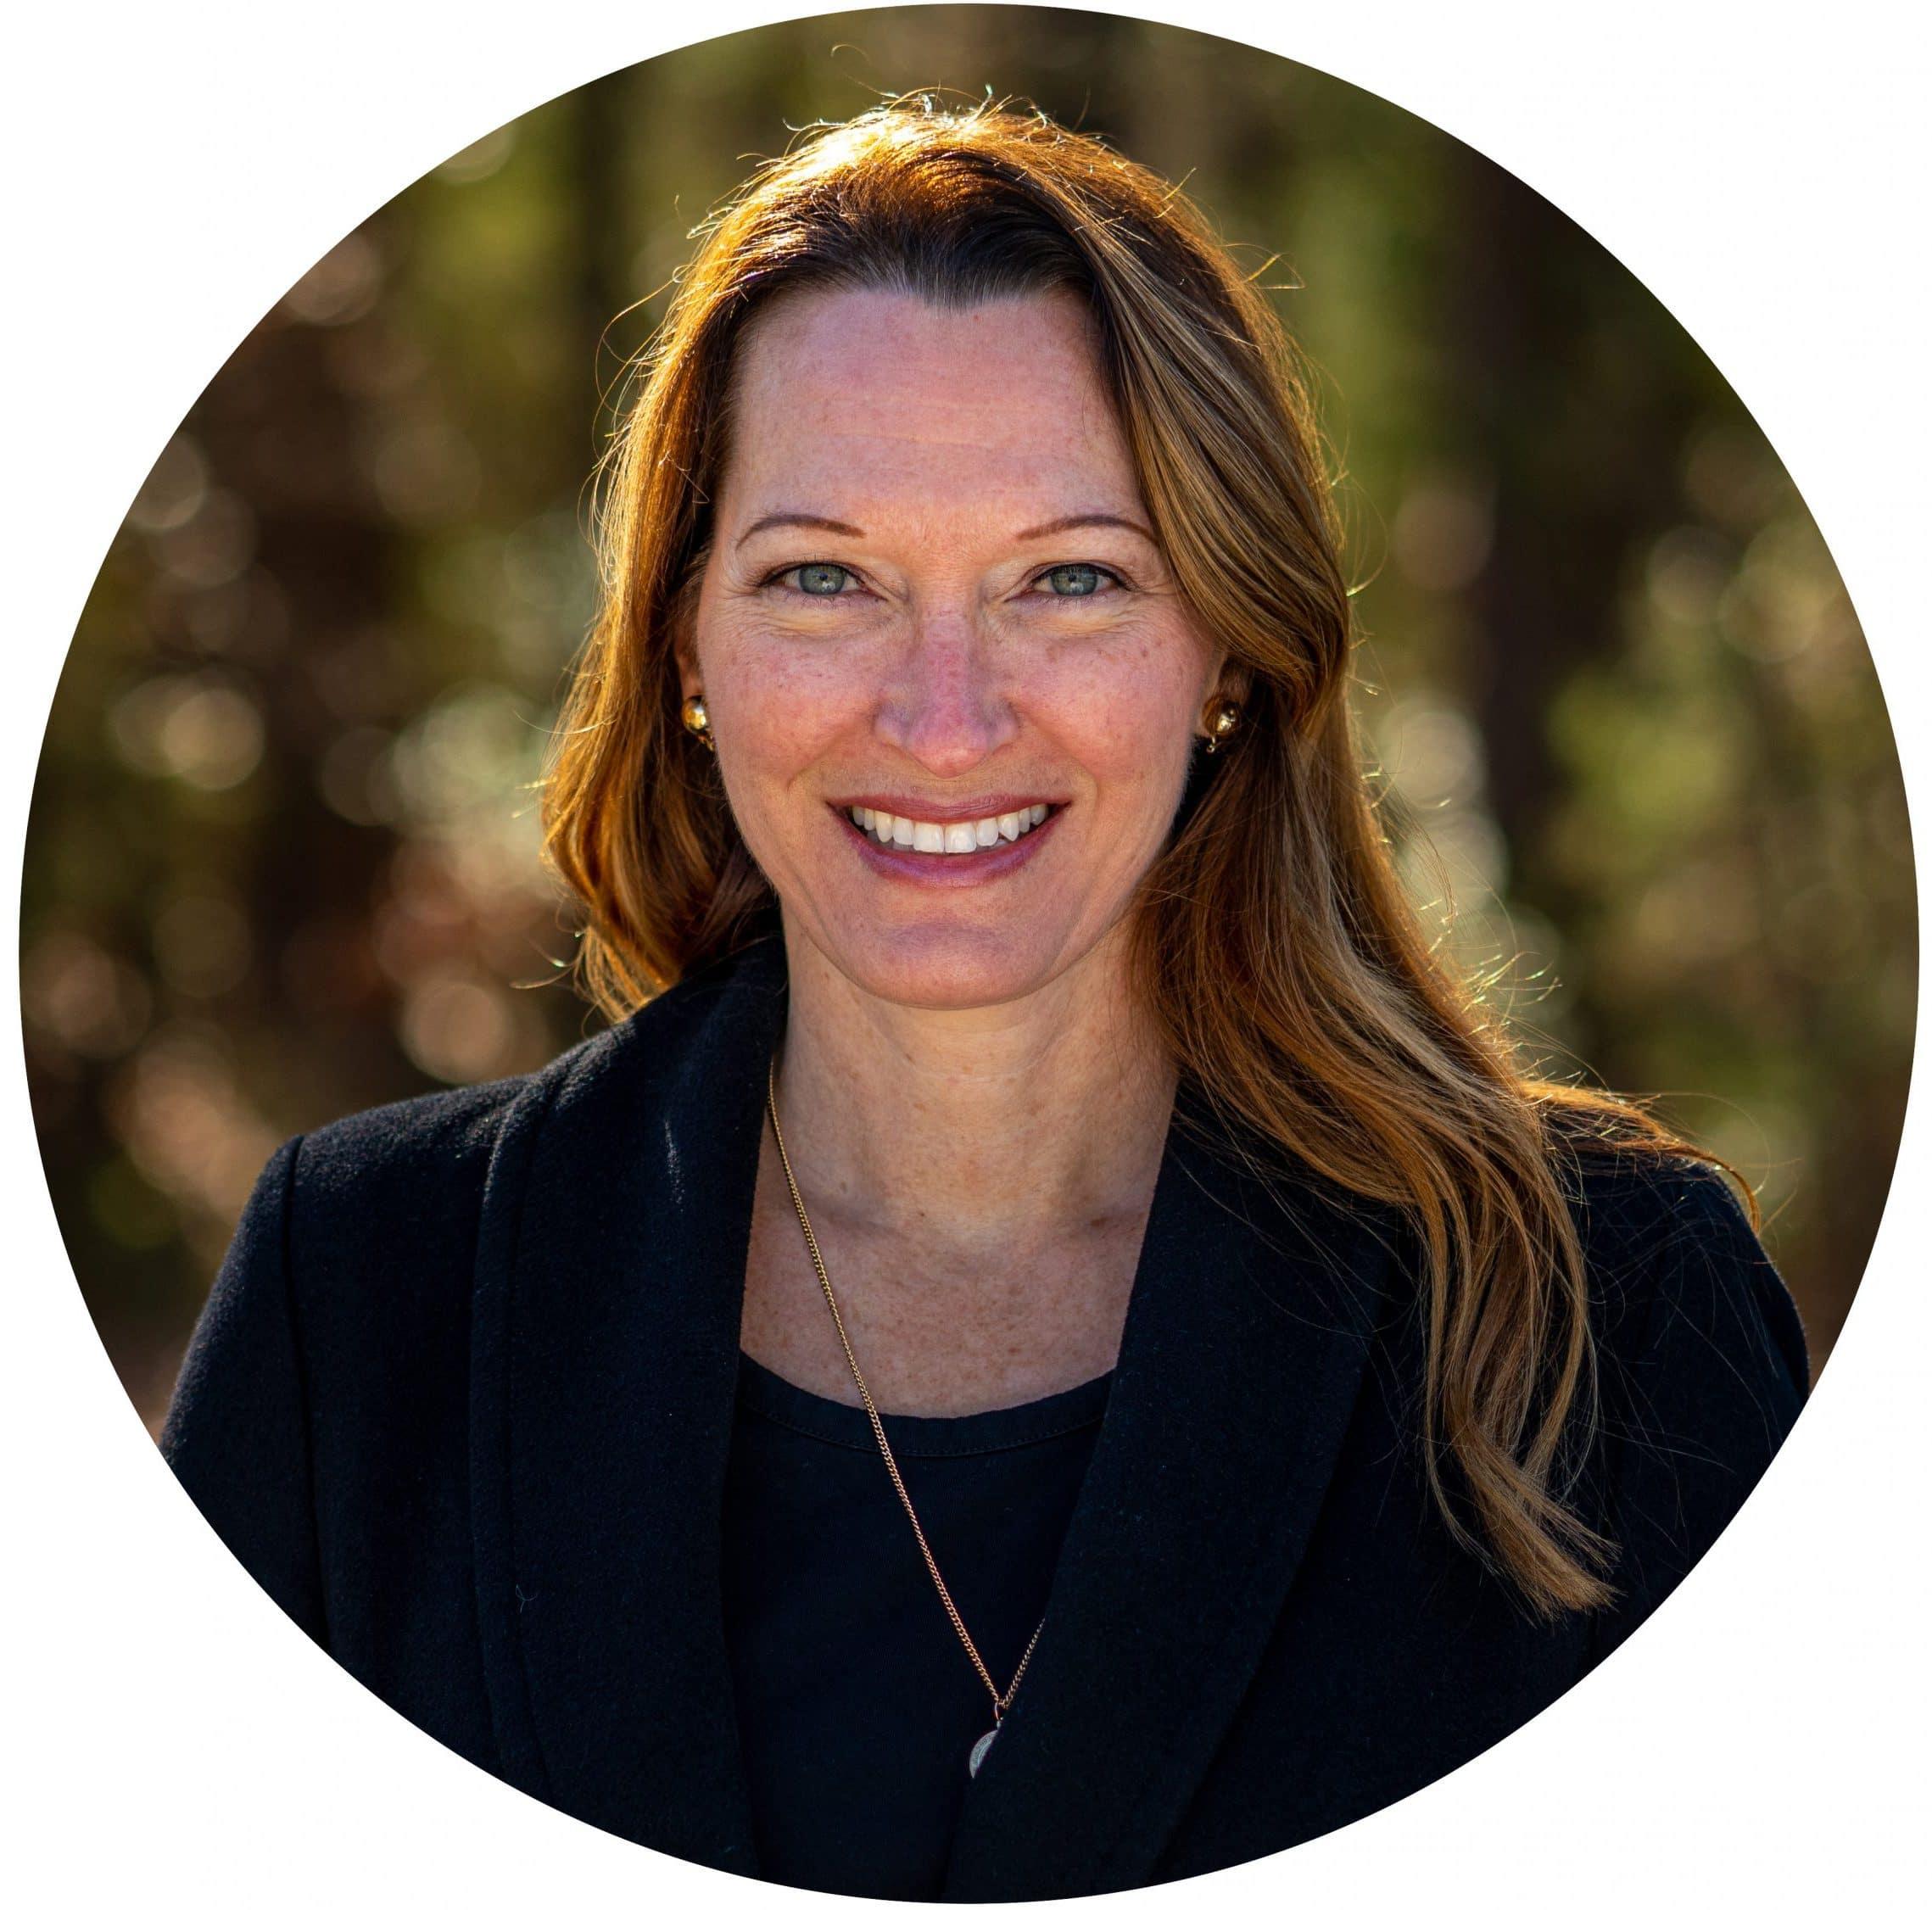 Dr. Stacy Trasancos